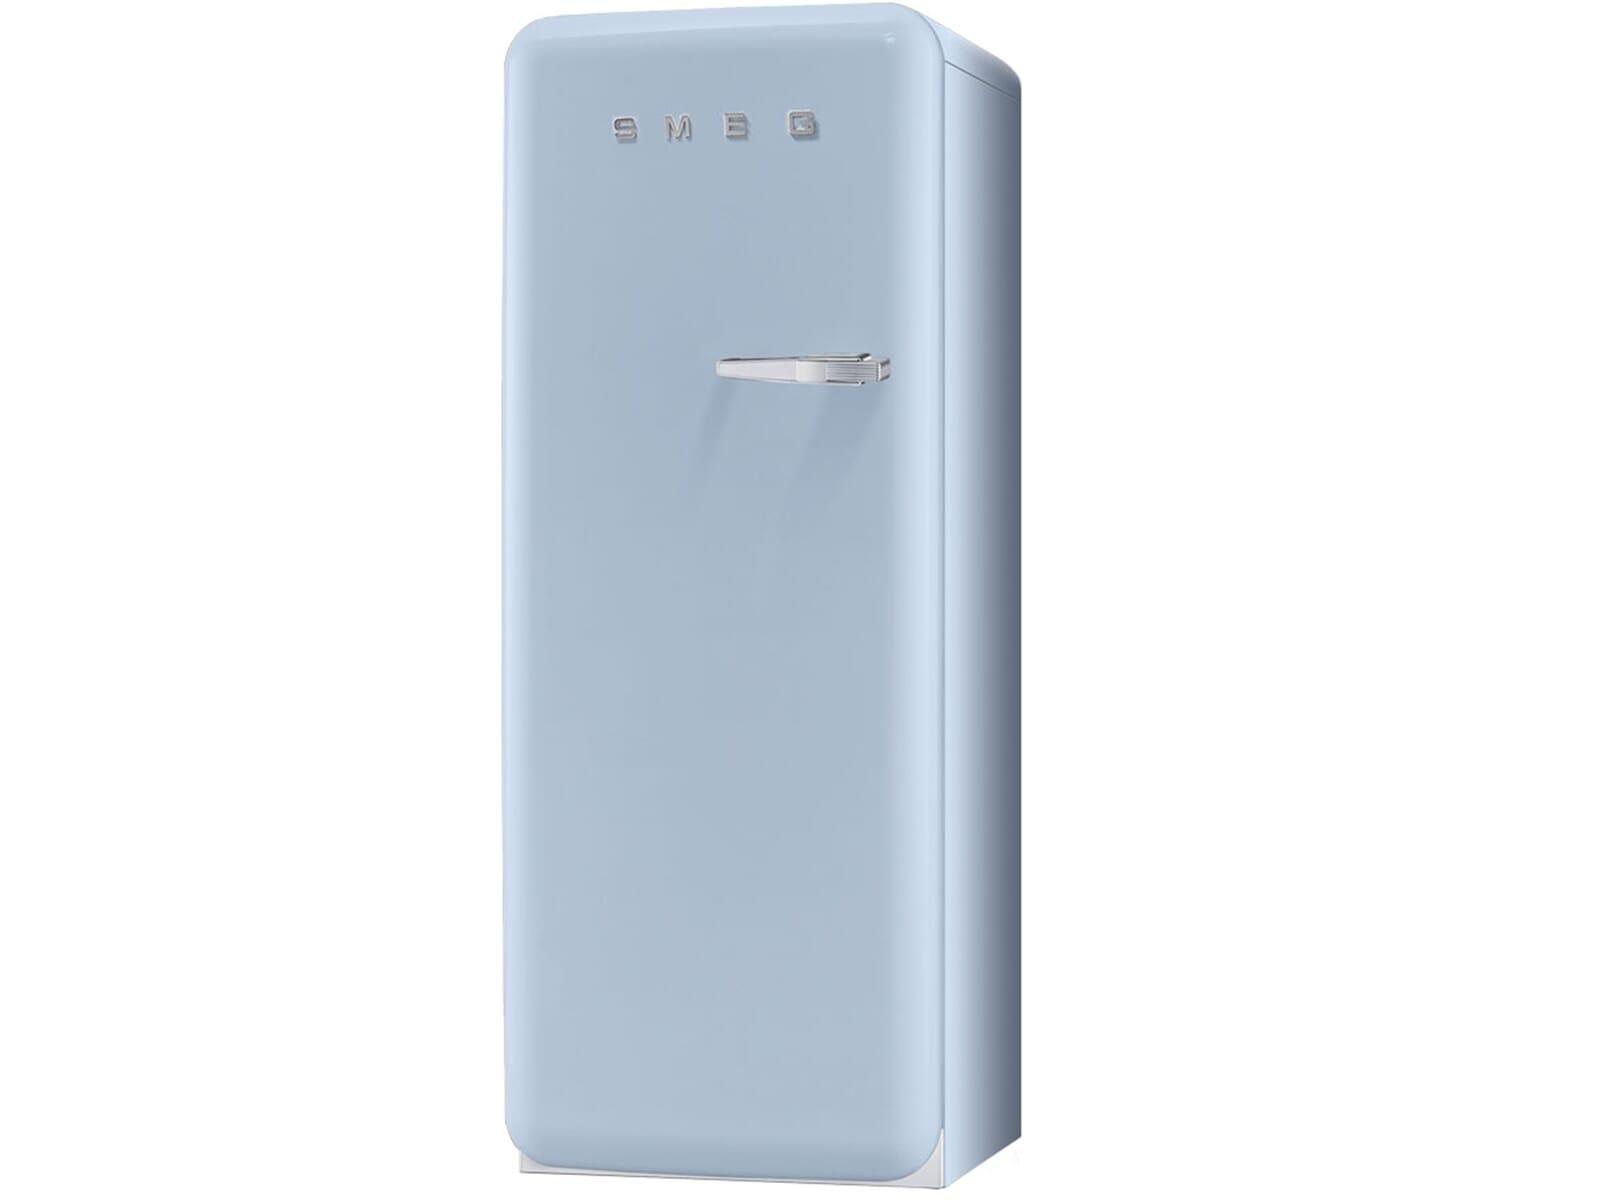 Smeg Kühlschrank Homepage : Smeg fab laz standkühlschrank pastellblau